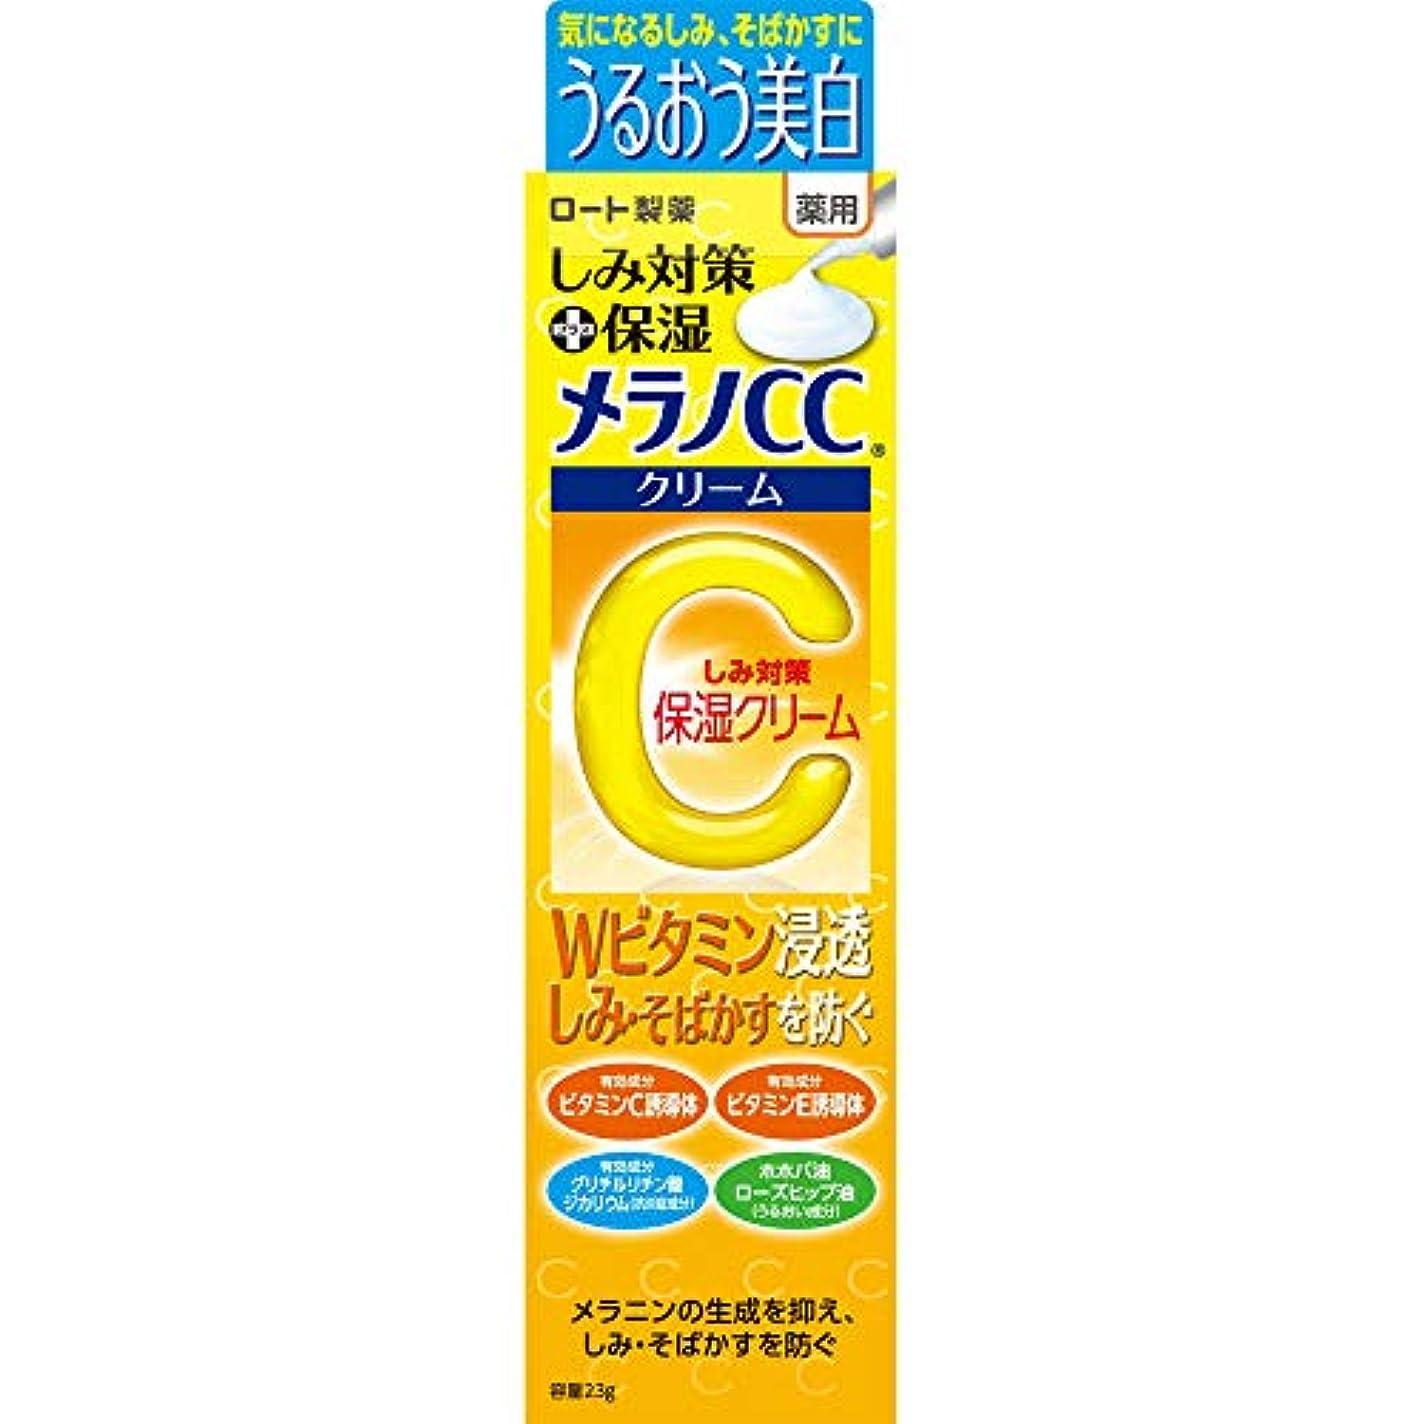 細部性格ペダルメラノCC 薬用しみ対策 保湿クリーム 23g